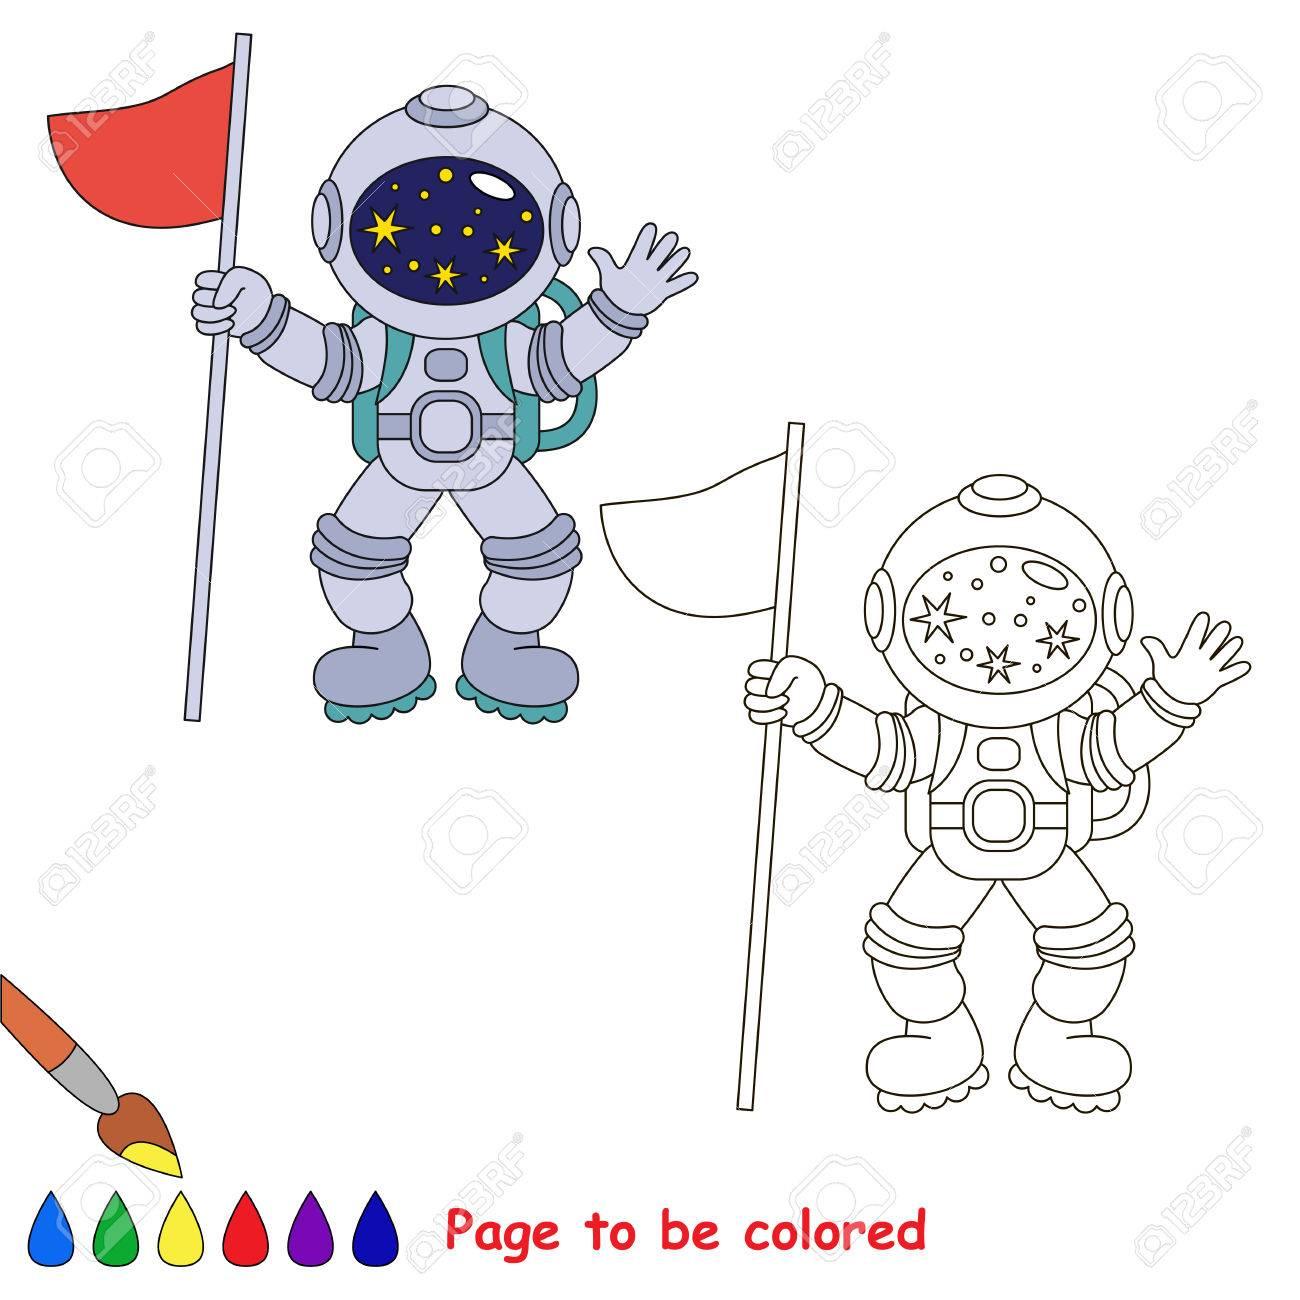 Spaceman Con Bandera Para Colorear, El Libro Para Colorear Para ...